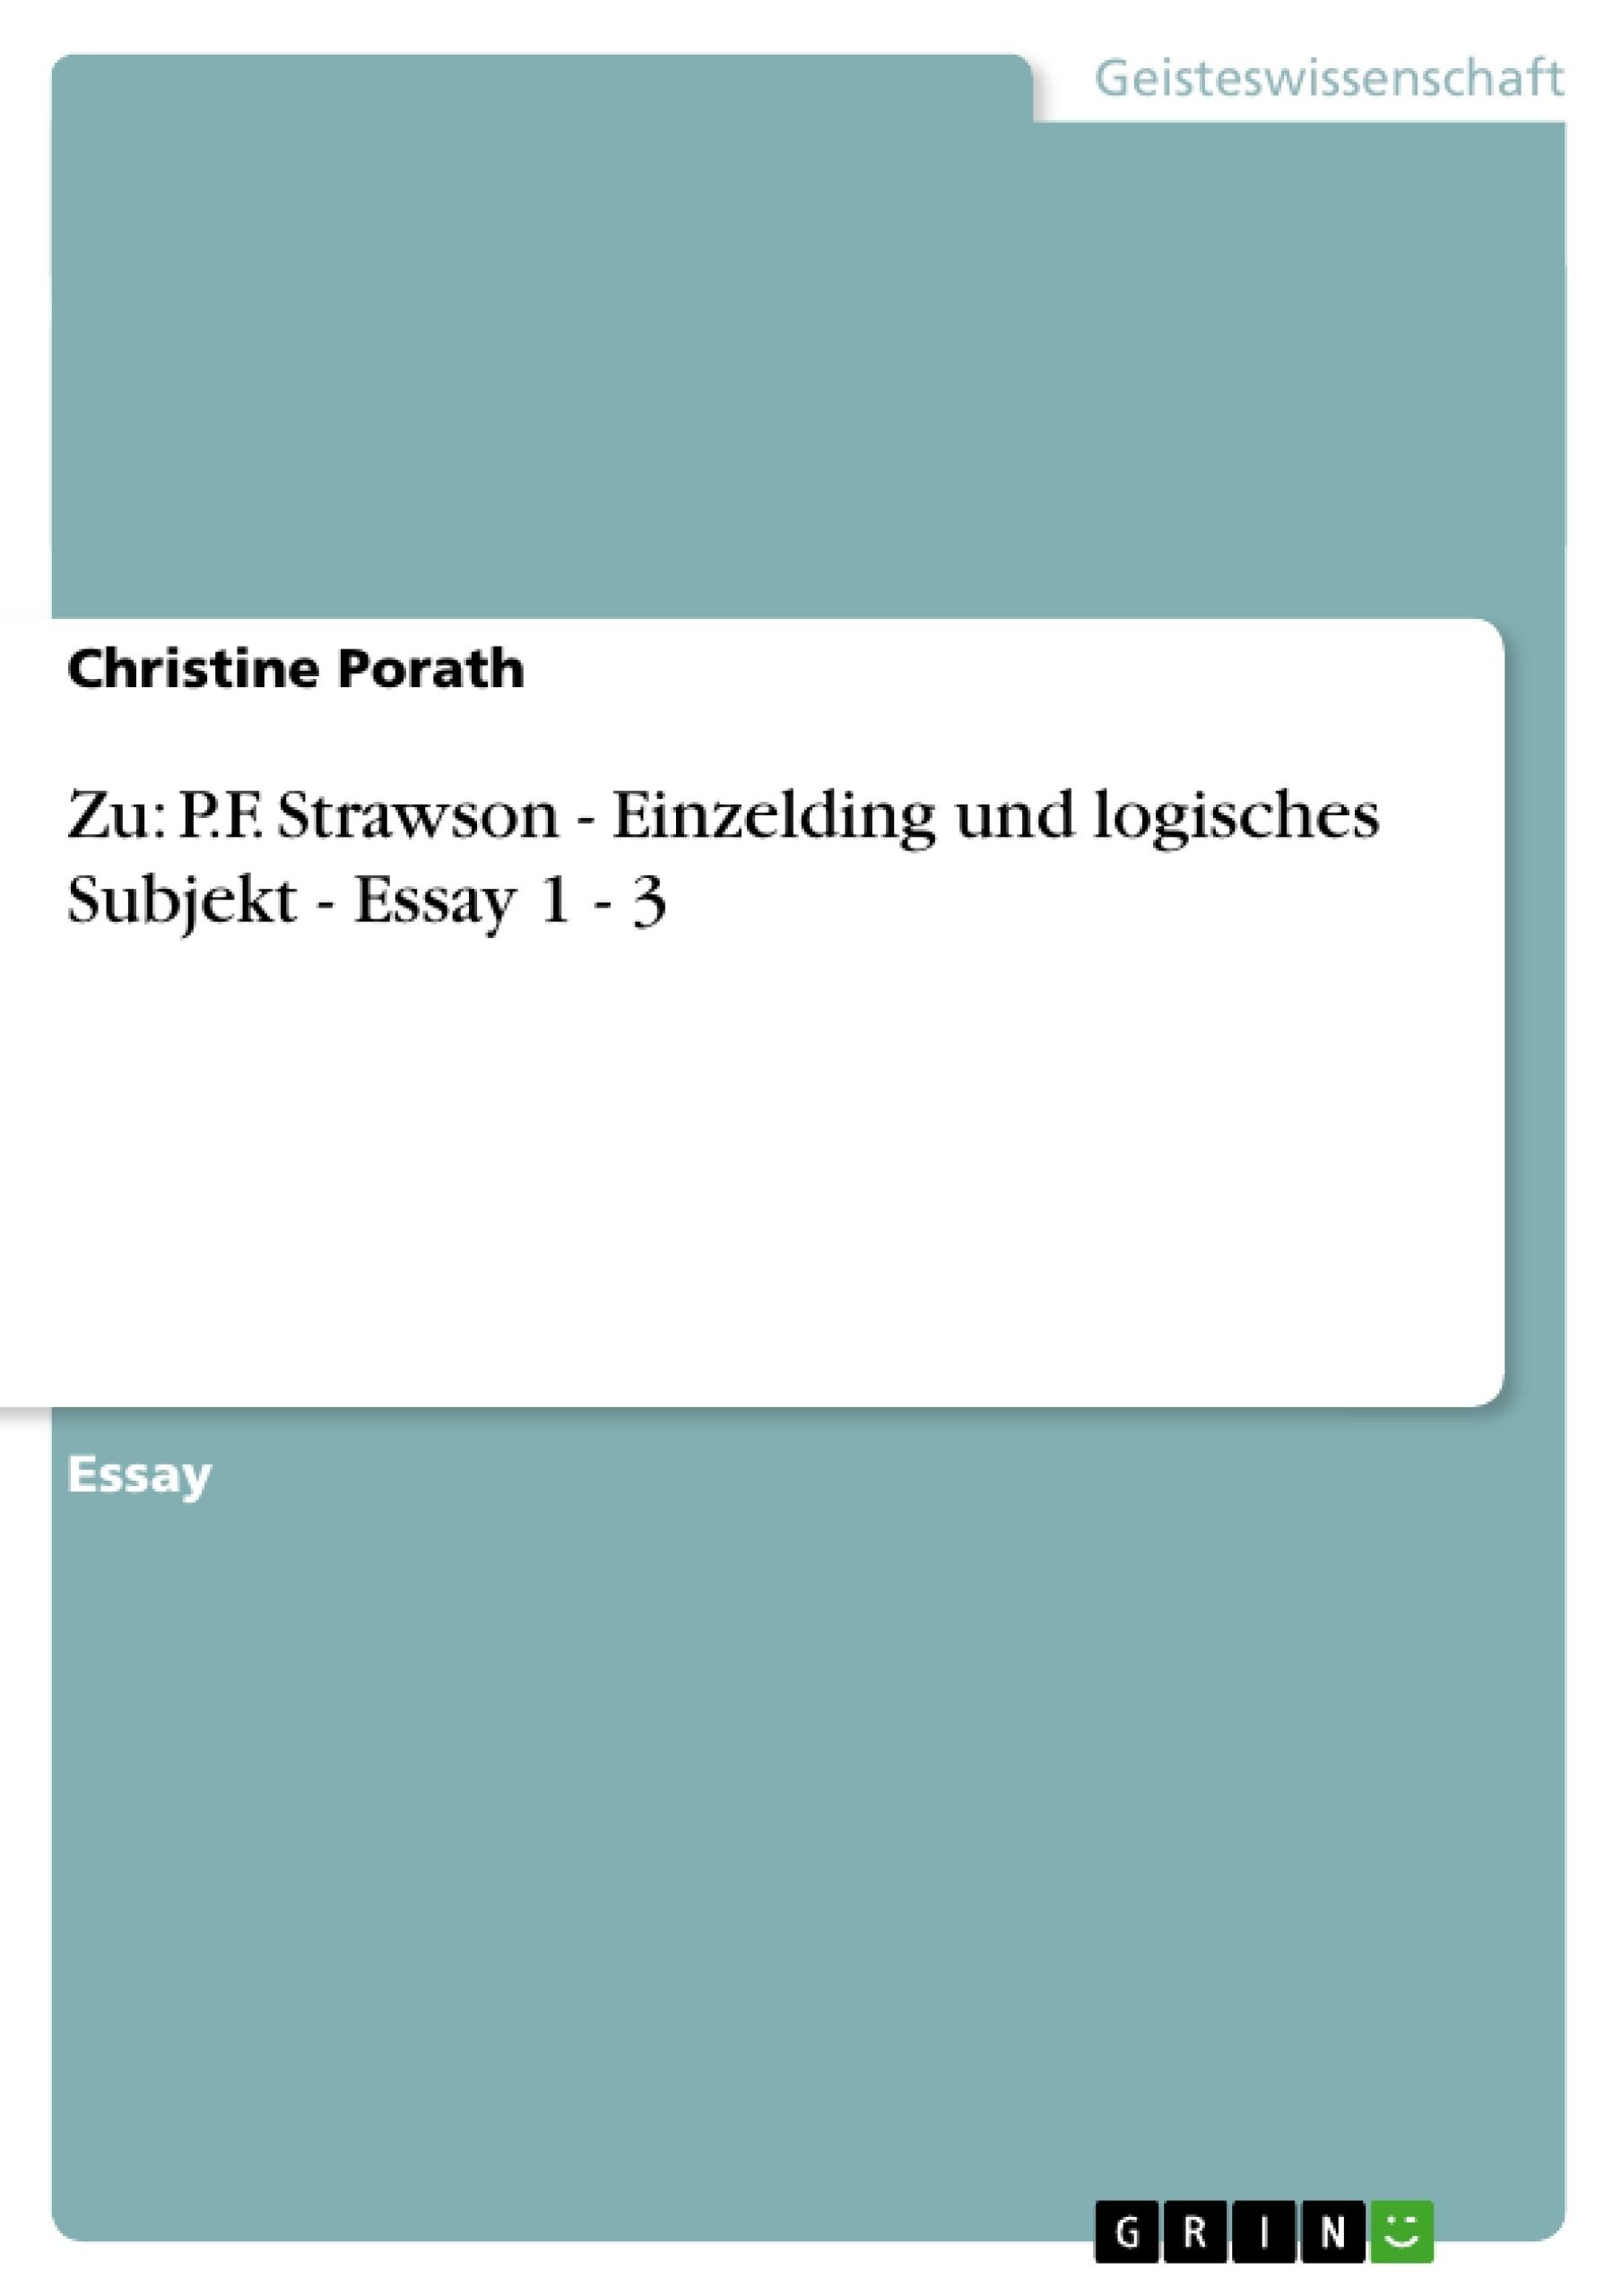 Titel: Zu: P.F. Strawson - Einzelding und logisches Subjekt - Essay 1 - 3